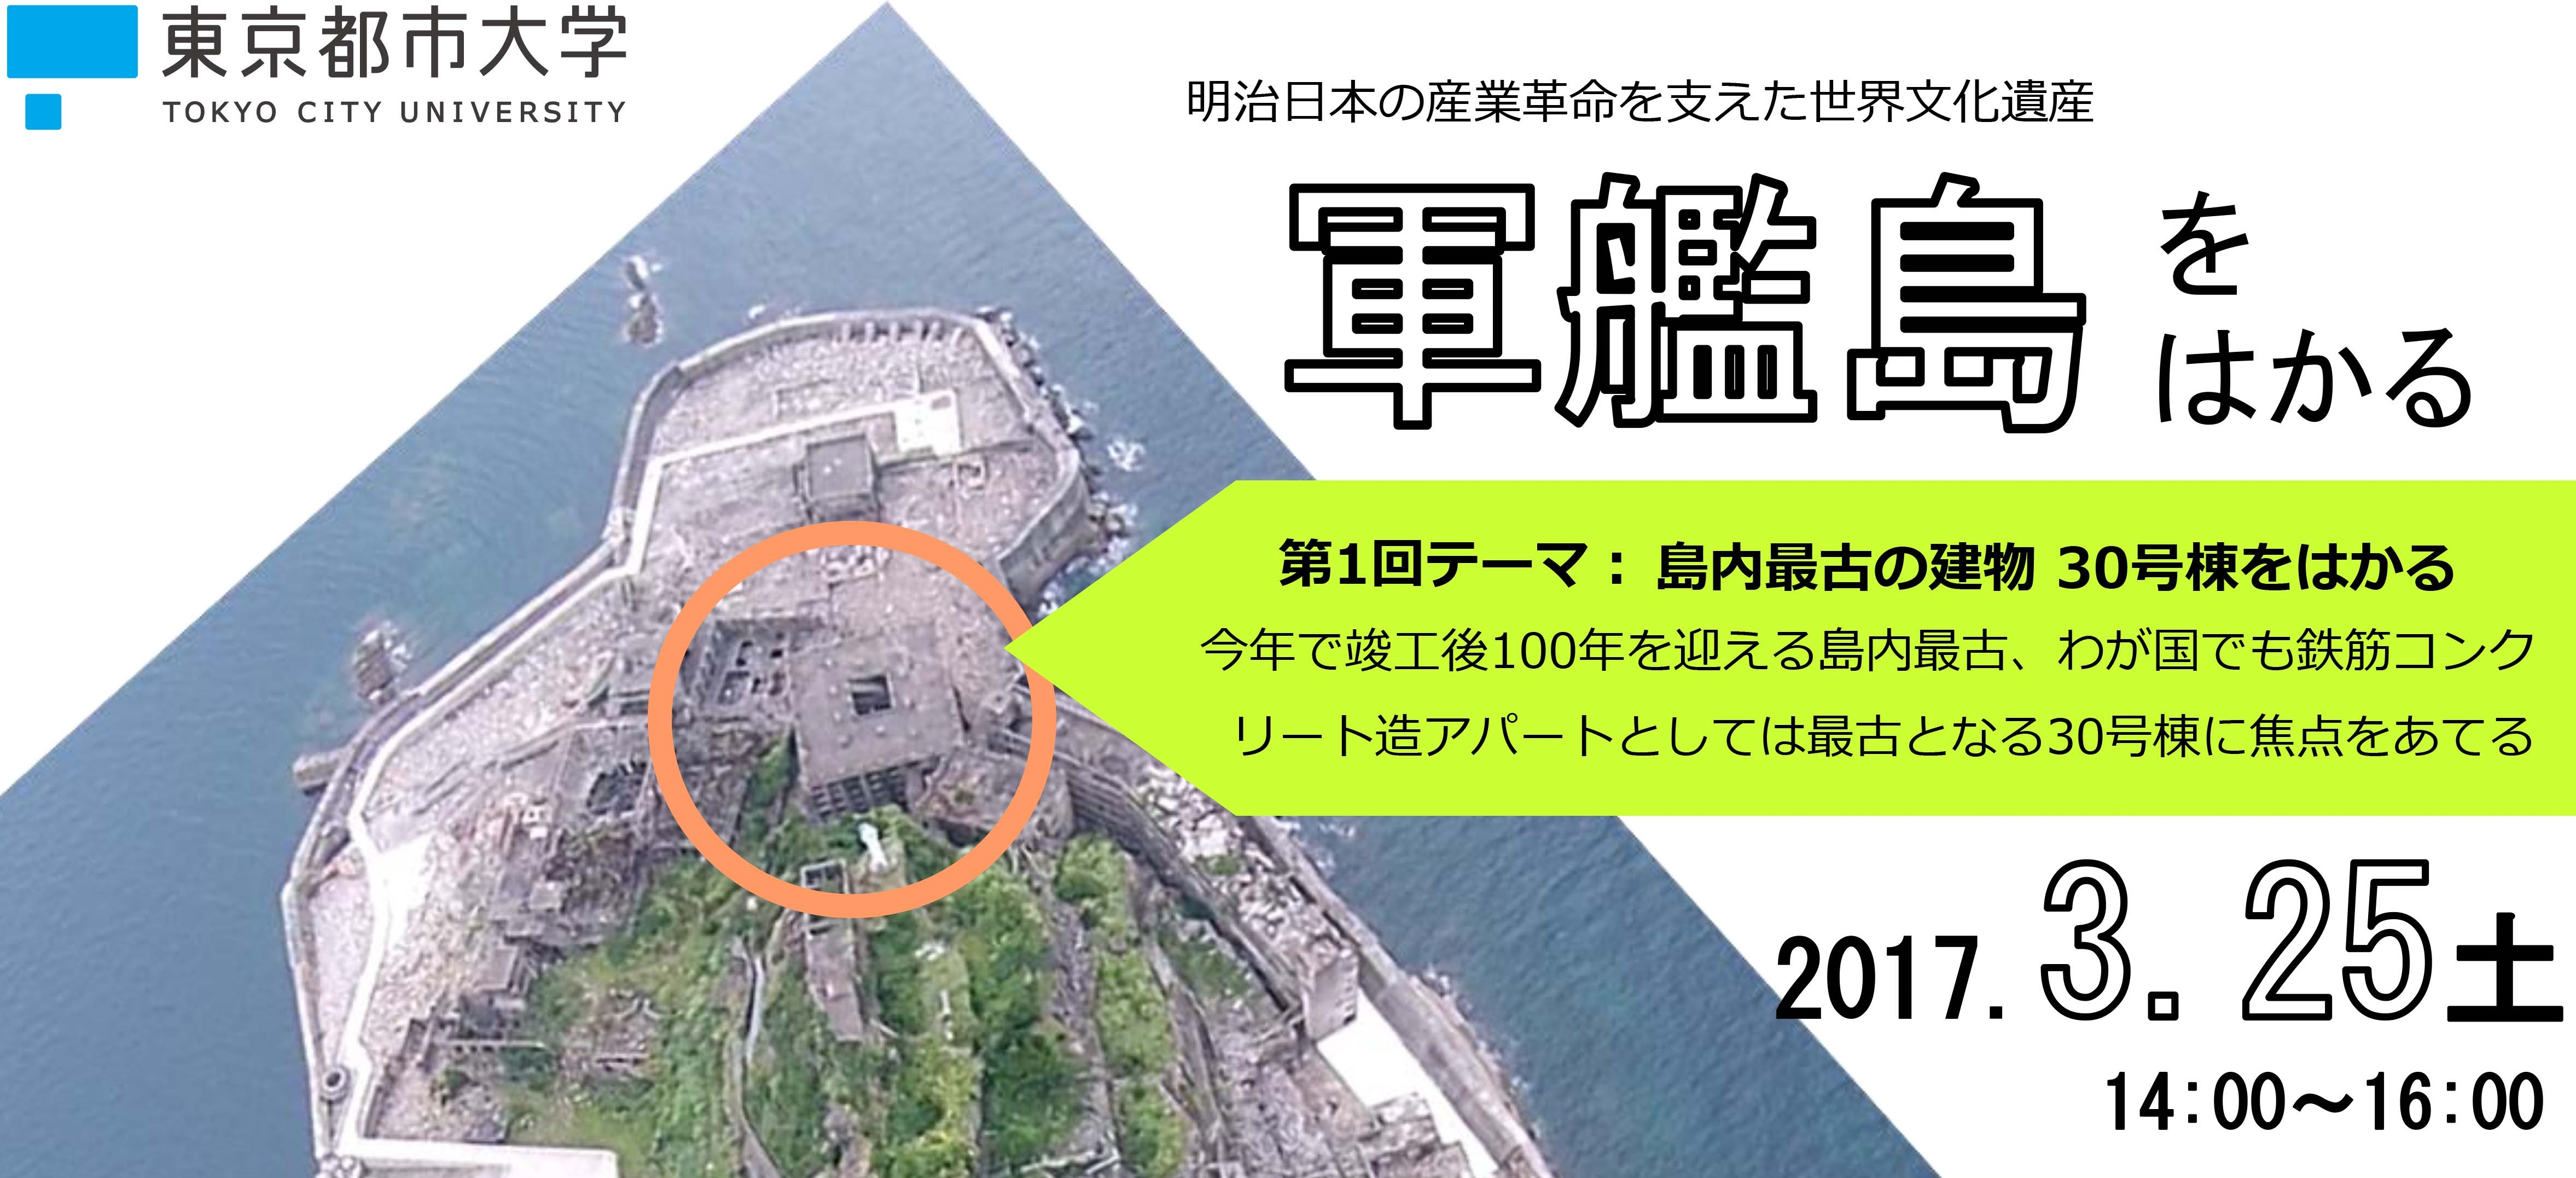 「軍艦島をはかる」~ 島内最古の建物 30号棟をはかる~